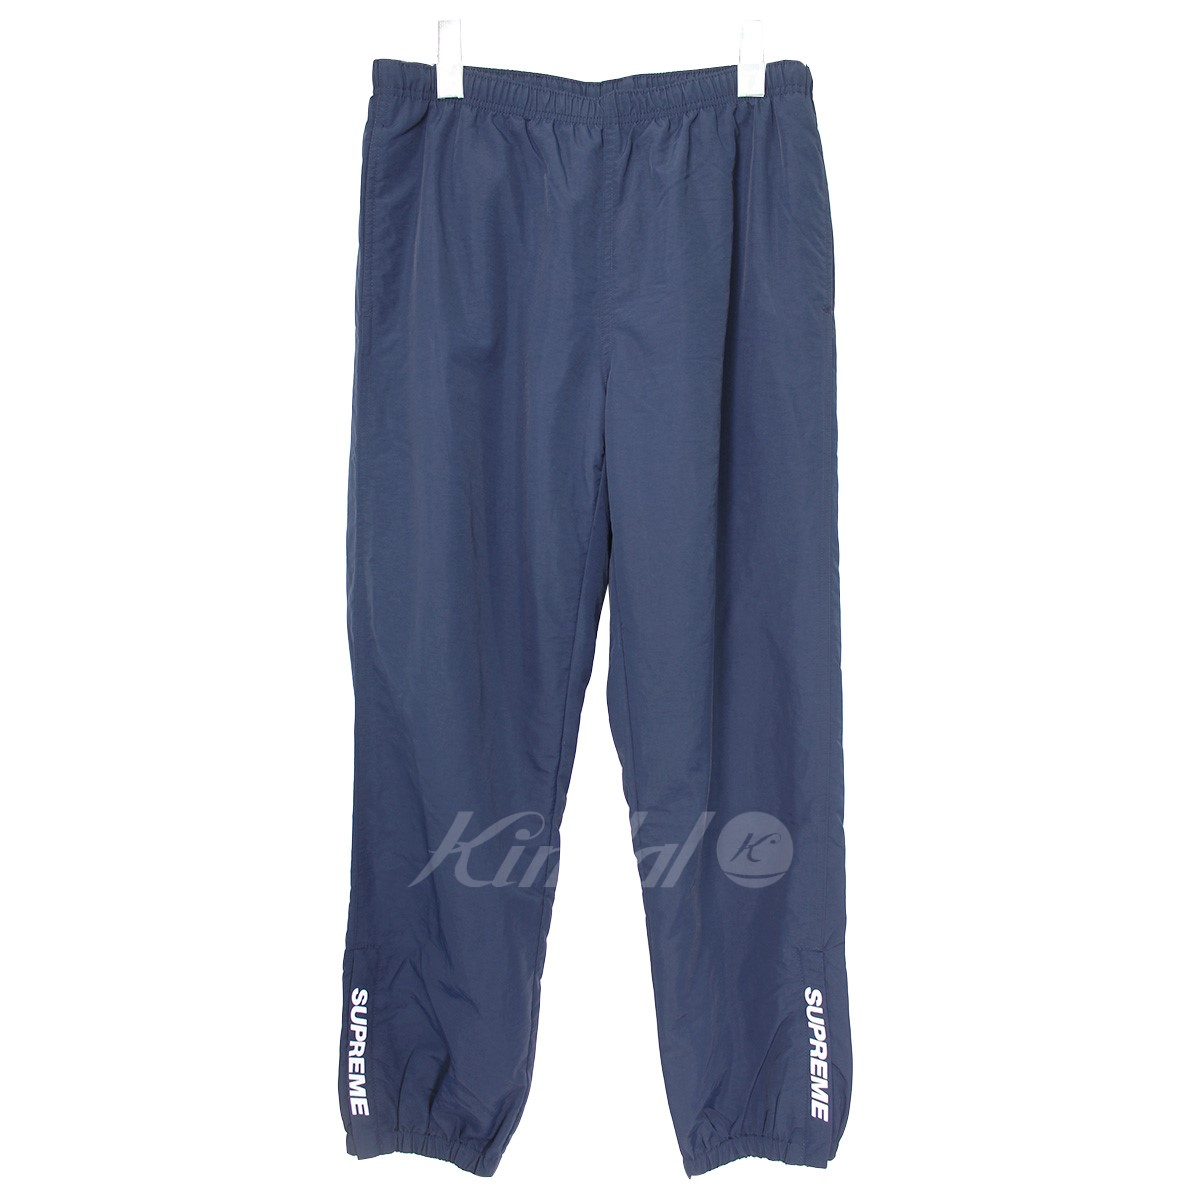 【中古】SUPREME 18AW Warm Up Pant ロゴナイロンイージーウォームアップパンツ 【送料無料】 【006445】 【KIND1641】